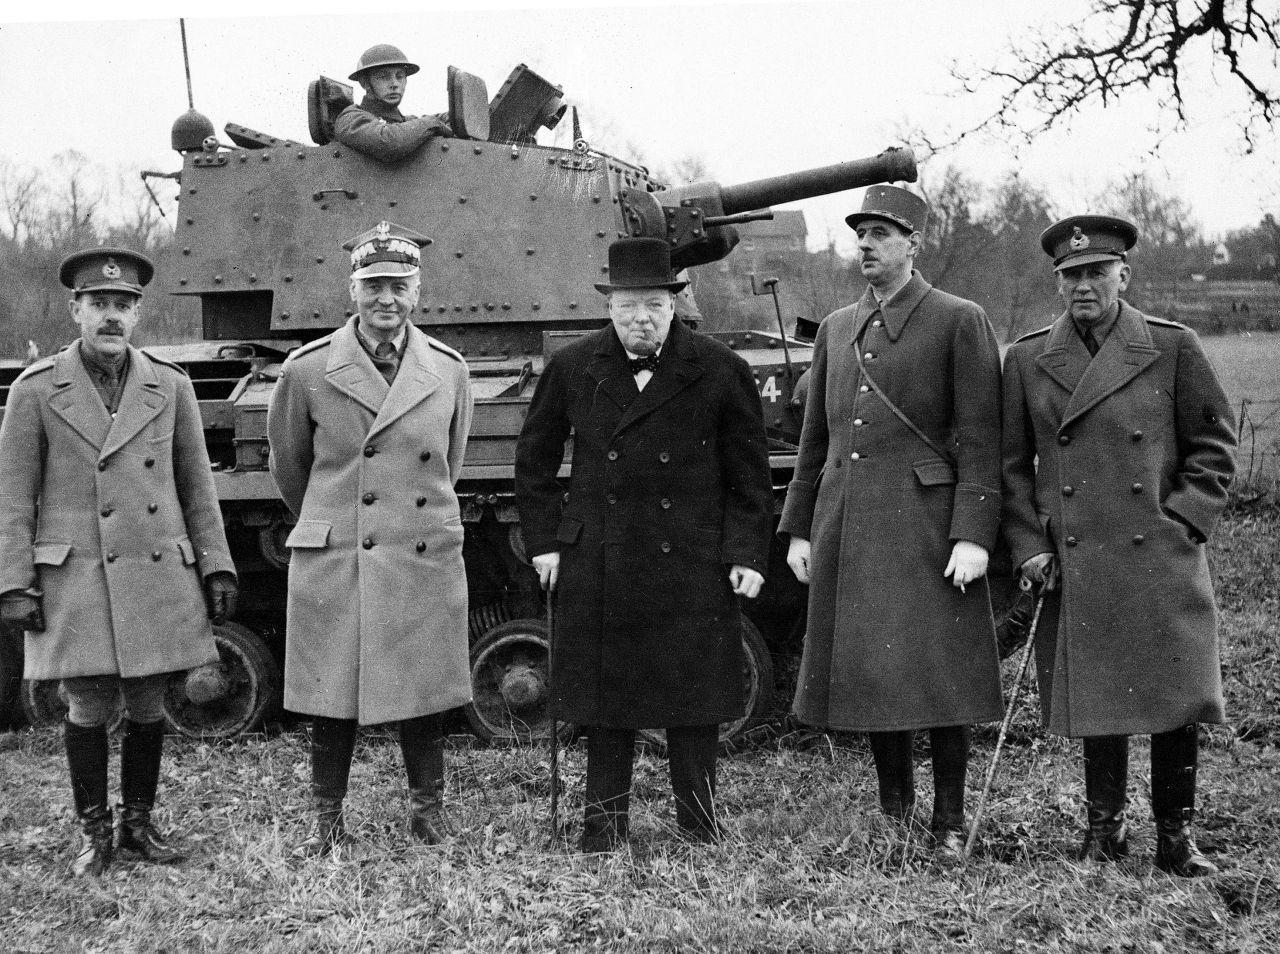 General Sikorski (zweiter von links), Premierminister Churchill (Mitte) und General de Gaulle (zweiter von rechts) bei einer Panzervorführung in England, Februar 1941(picture alliance/AP Images)